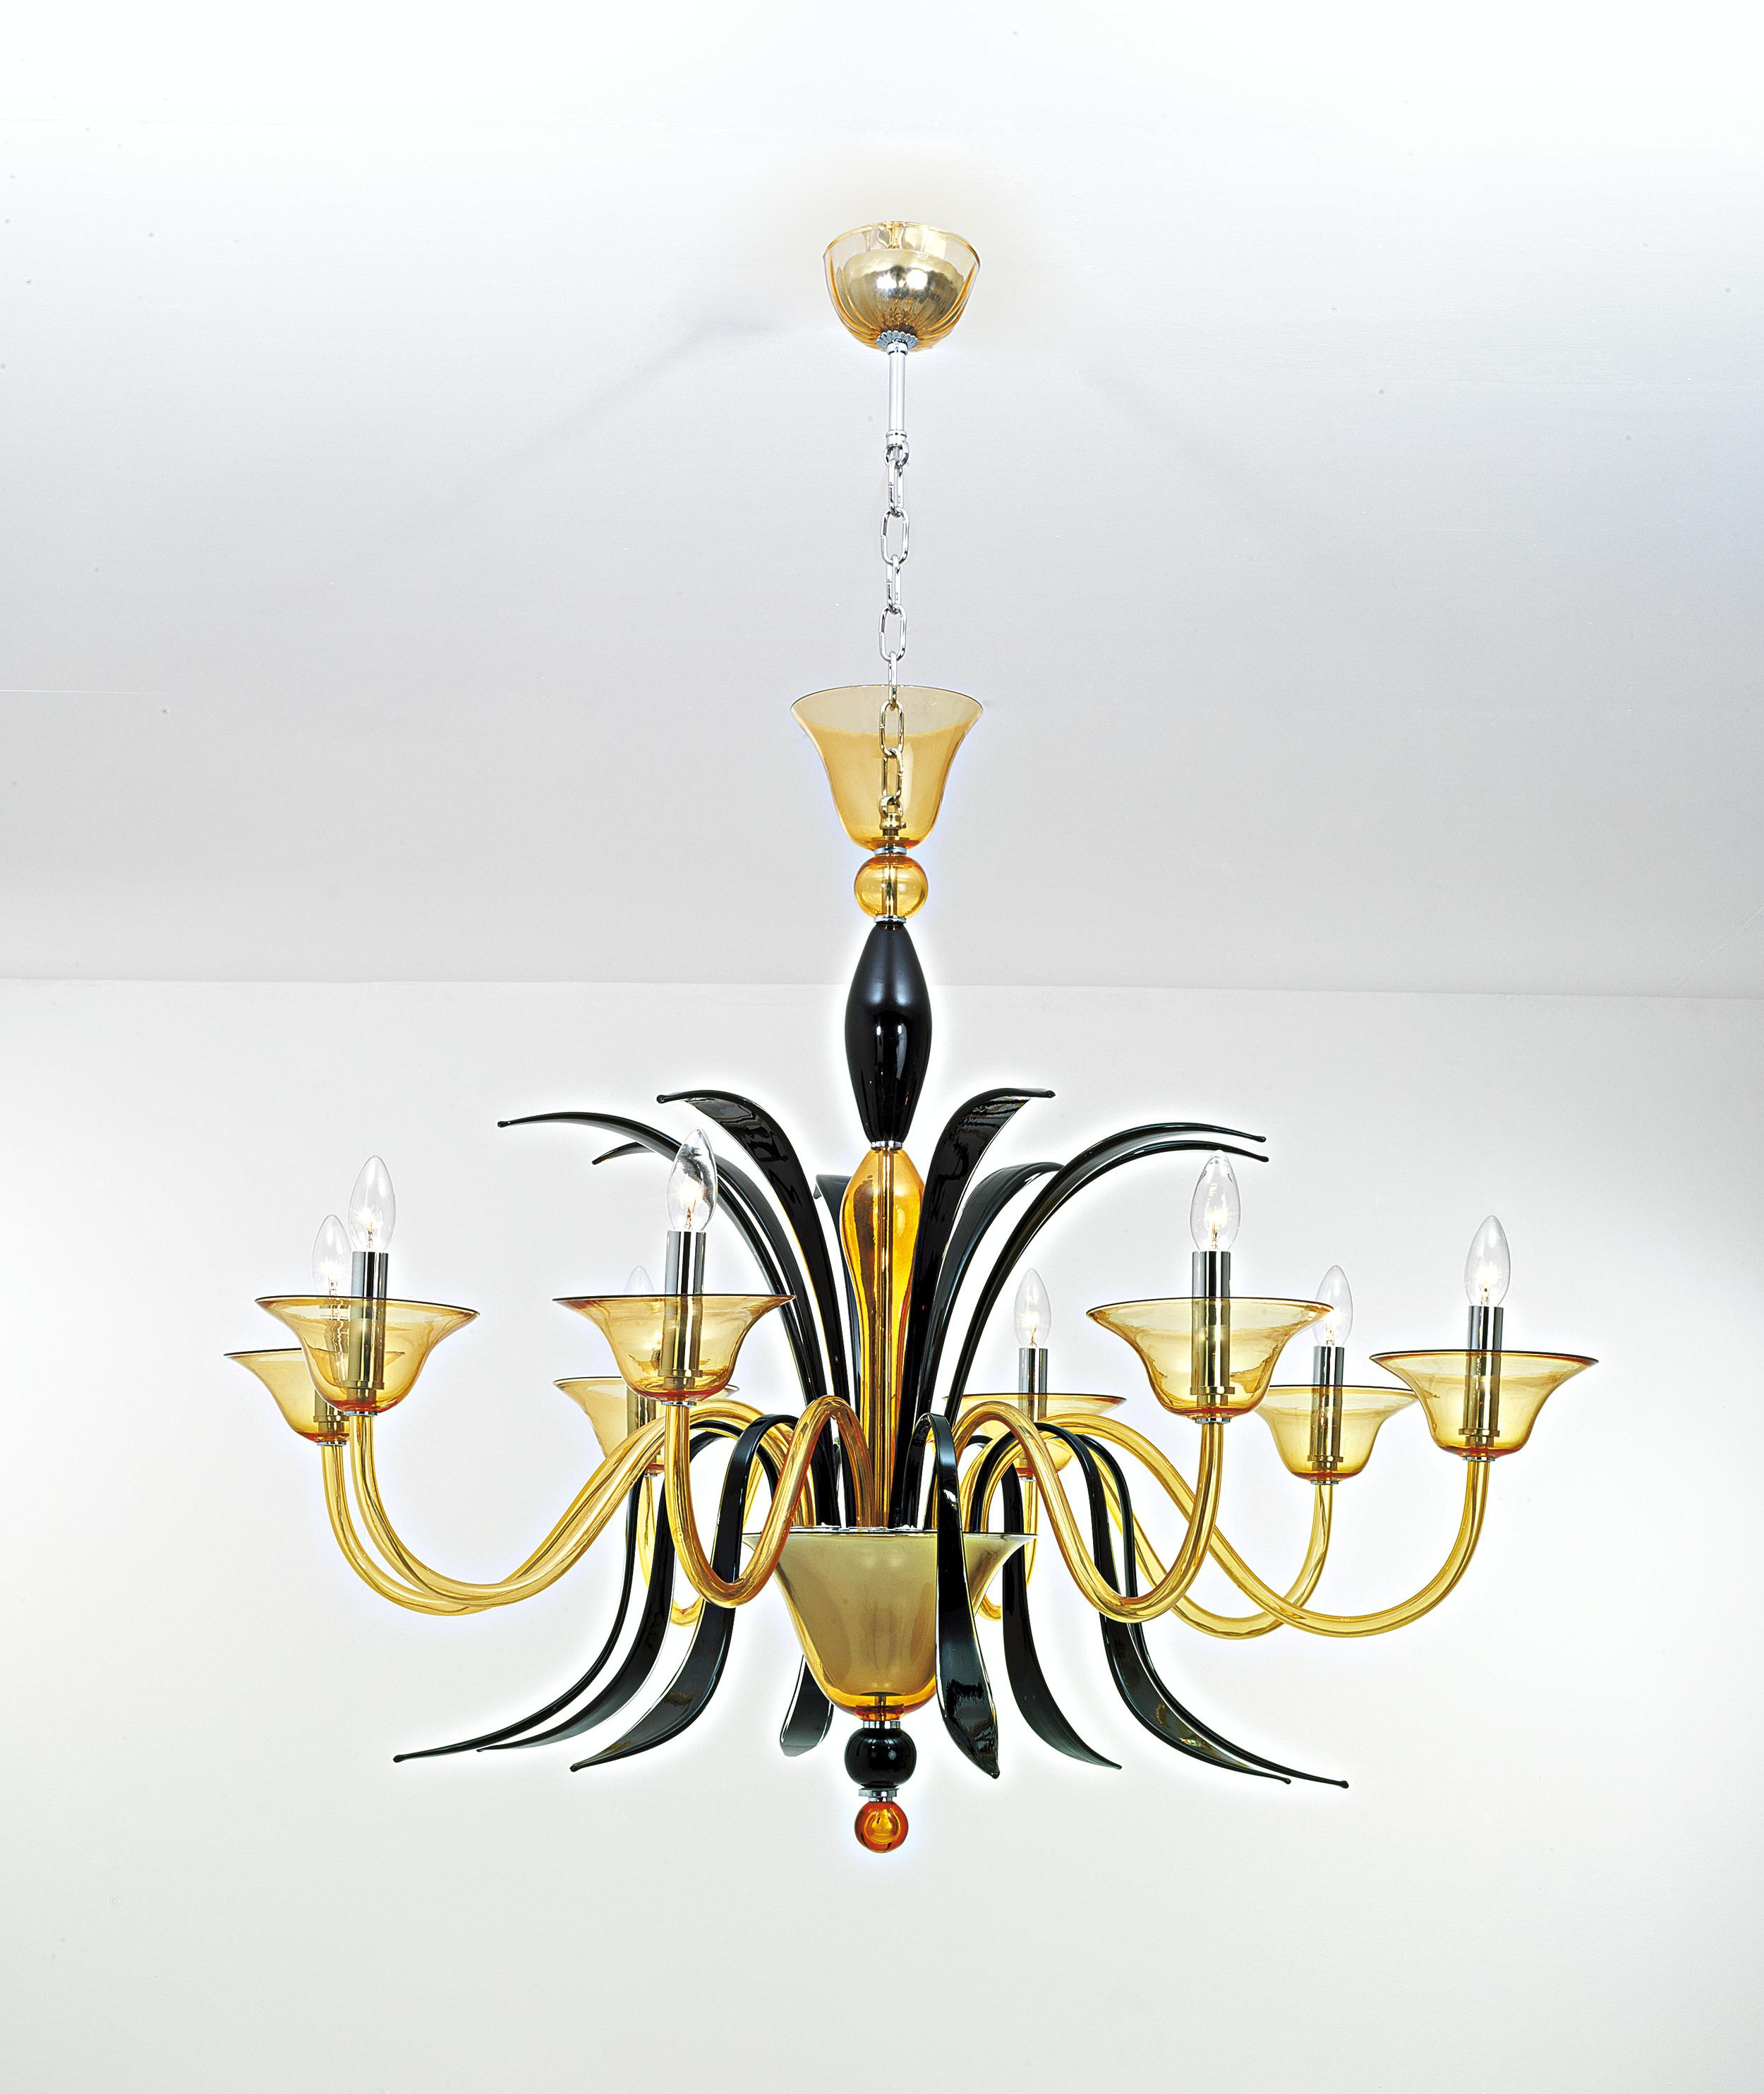 murano glass lighting michigan